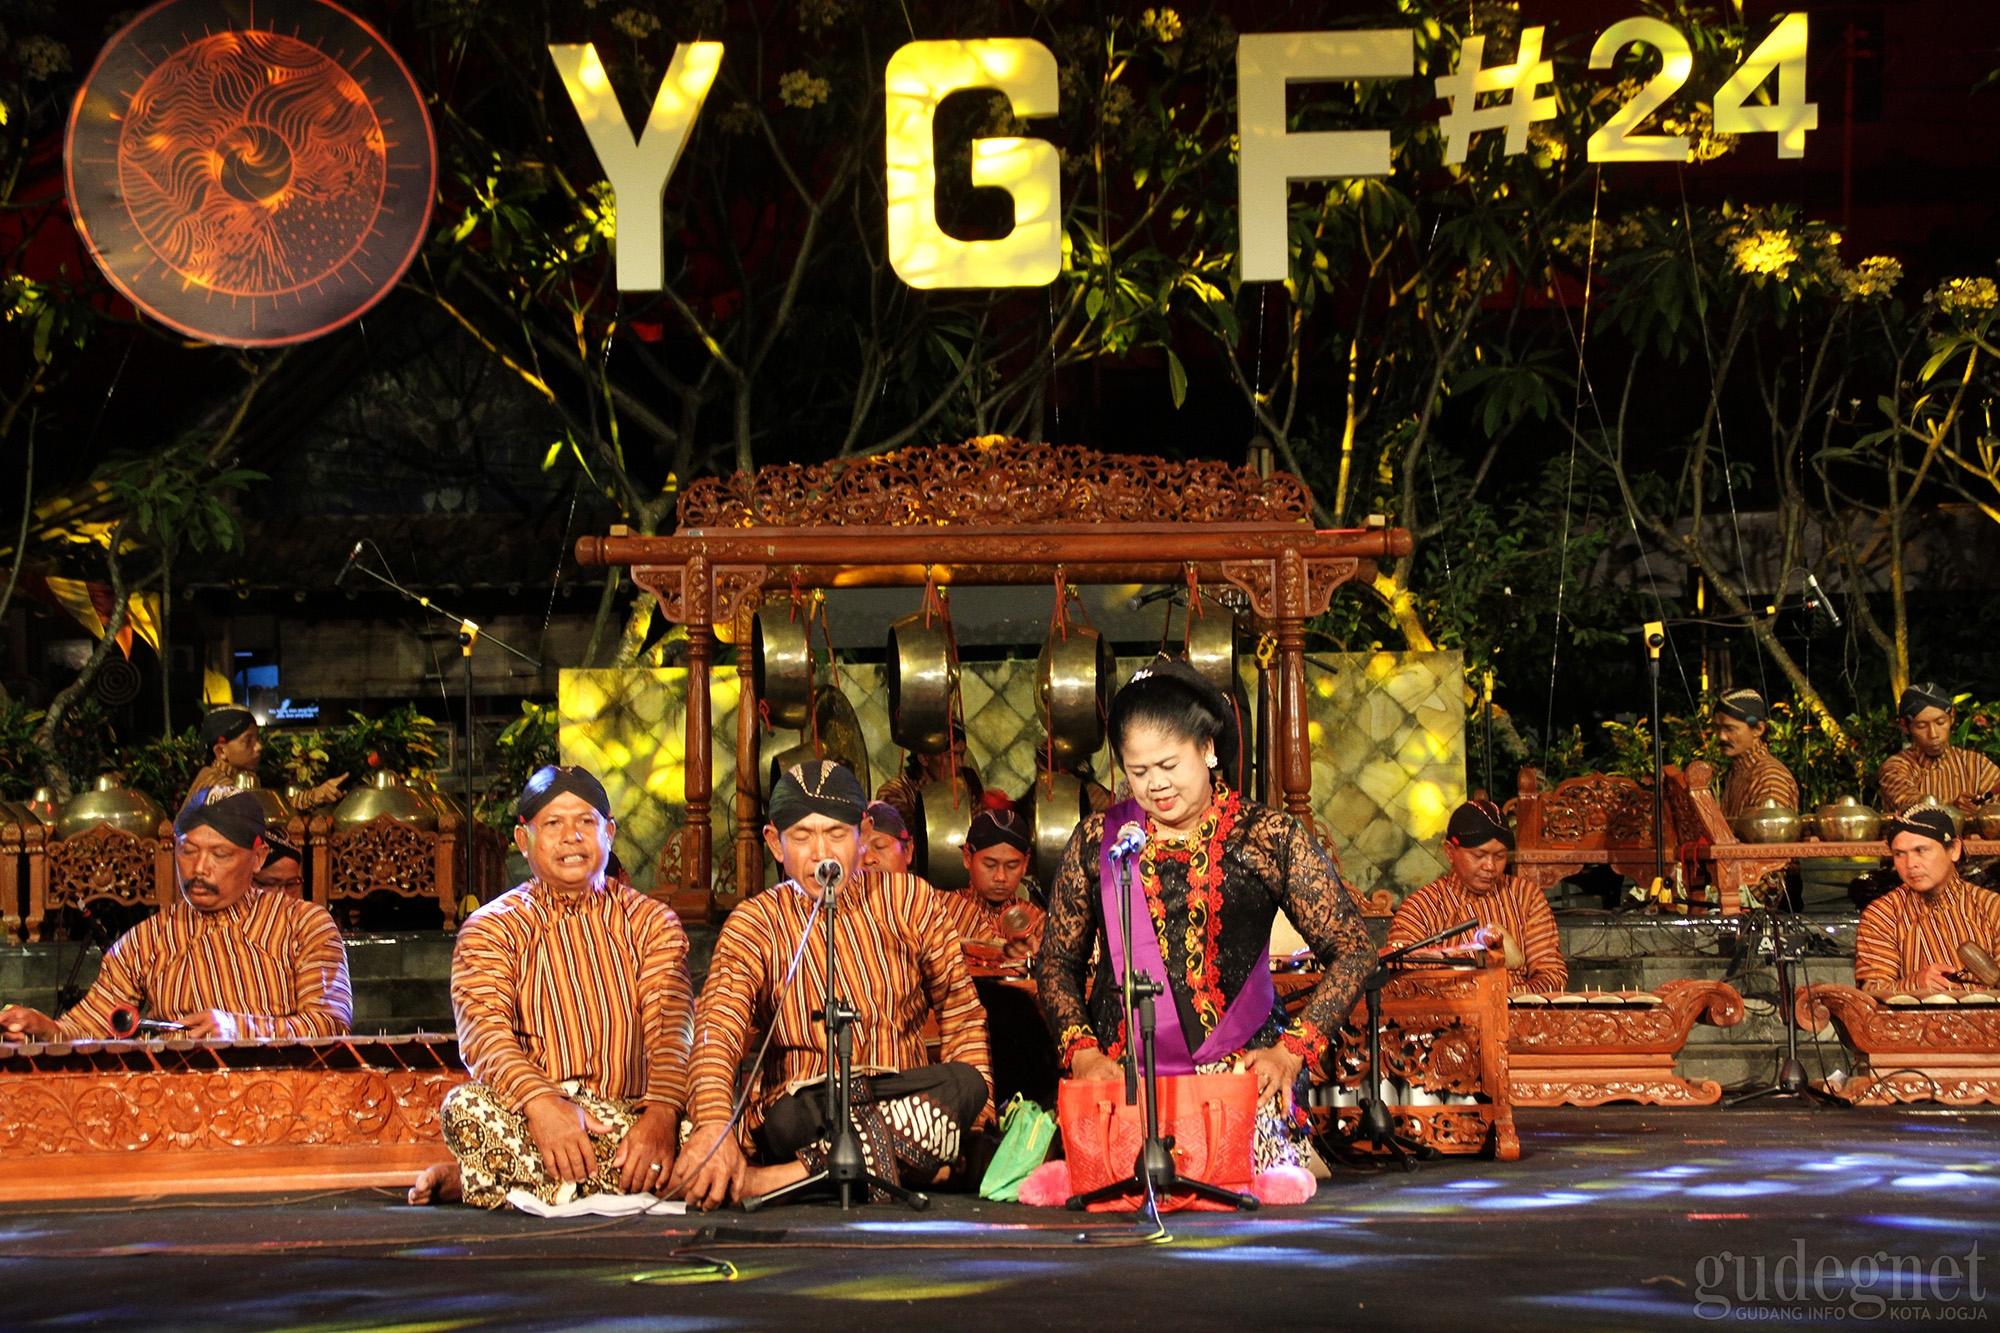 Ratusan Pecinta Gamelan Hadiri Gelaran YGF ke-24